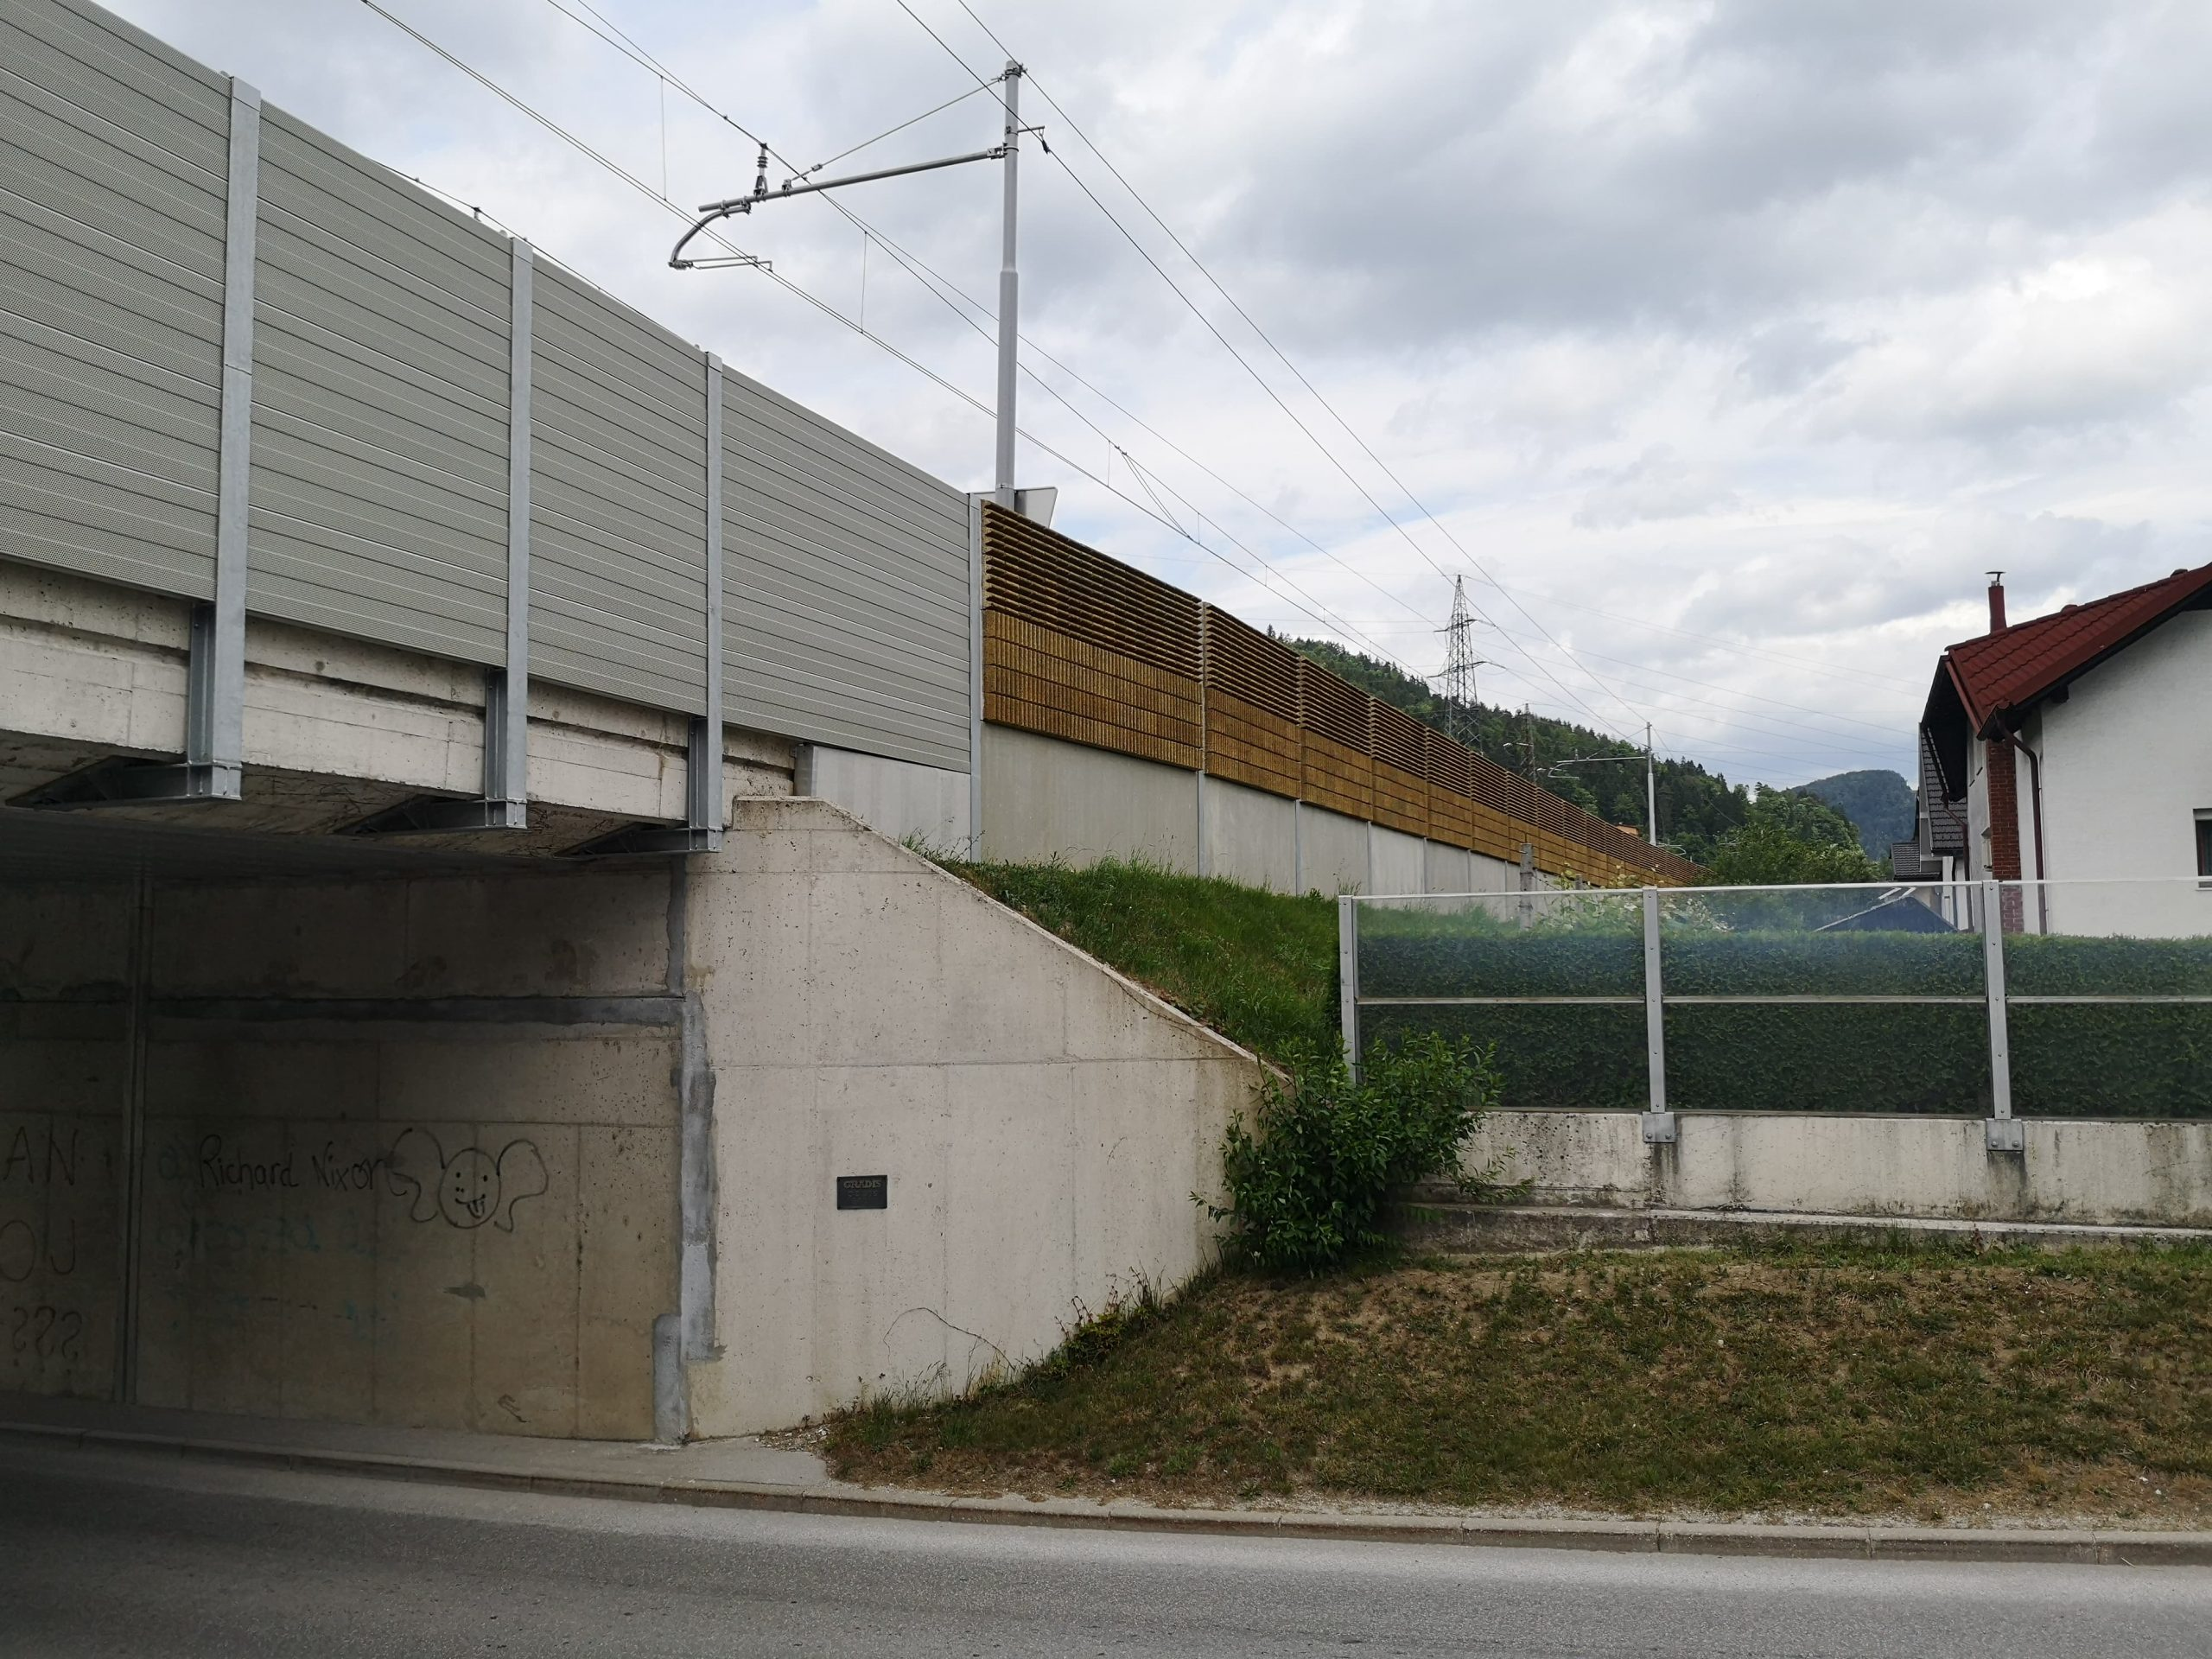 Prometni hrup Zidani Most-Celje slika25